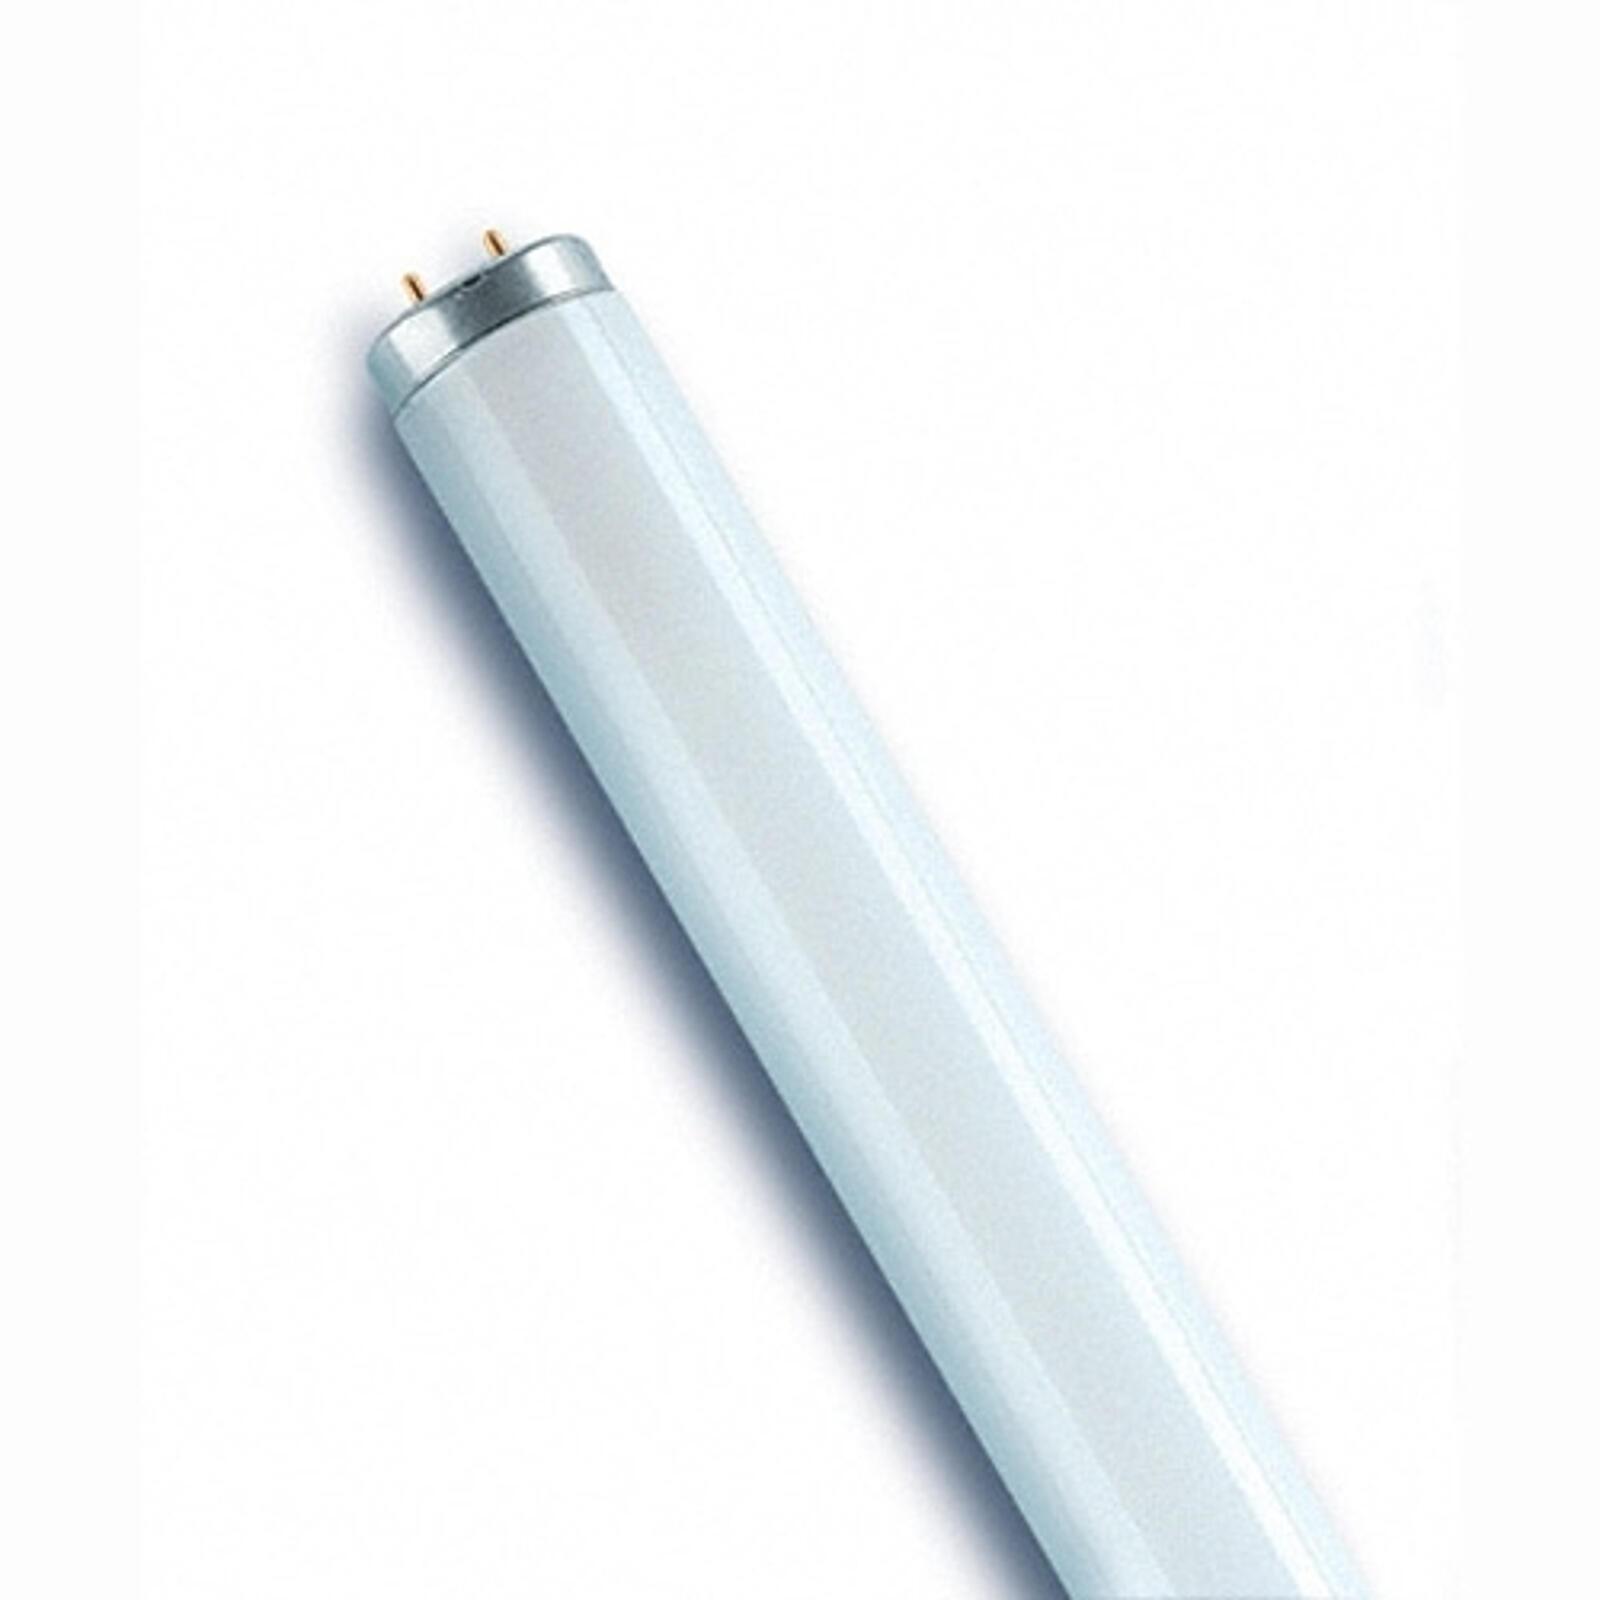 Qui a inventé l'ampoule néon ?